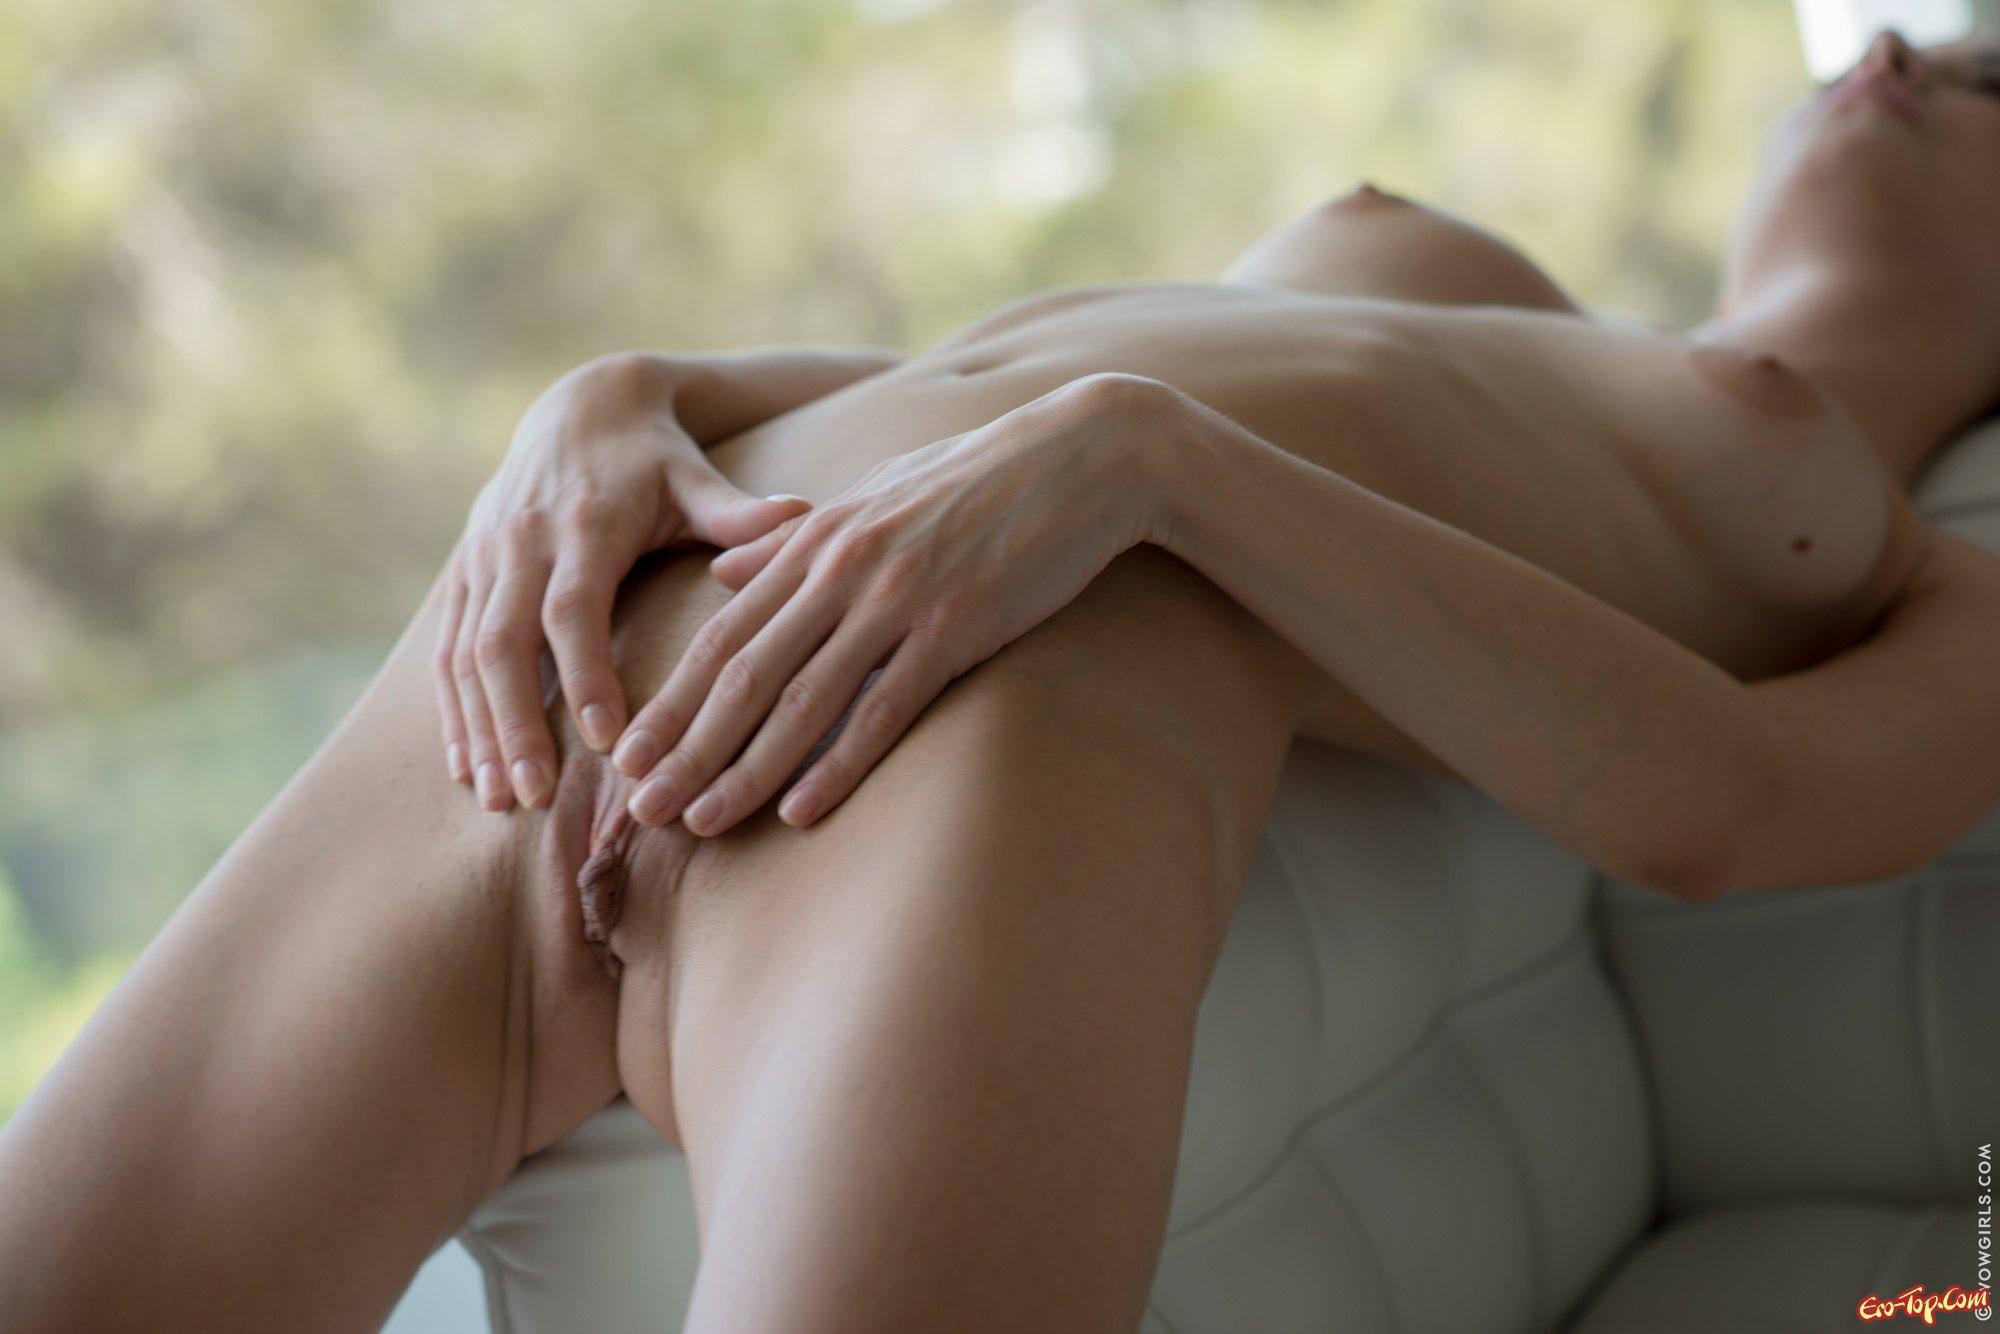 Секс фото девушек как девушки снимают трусы и лифчики 5 фотография